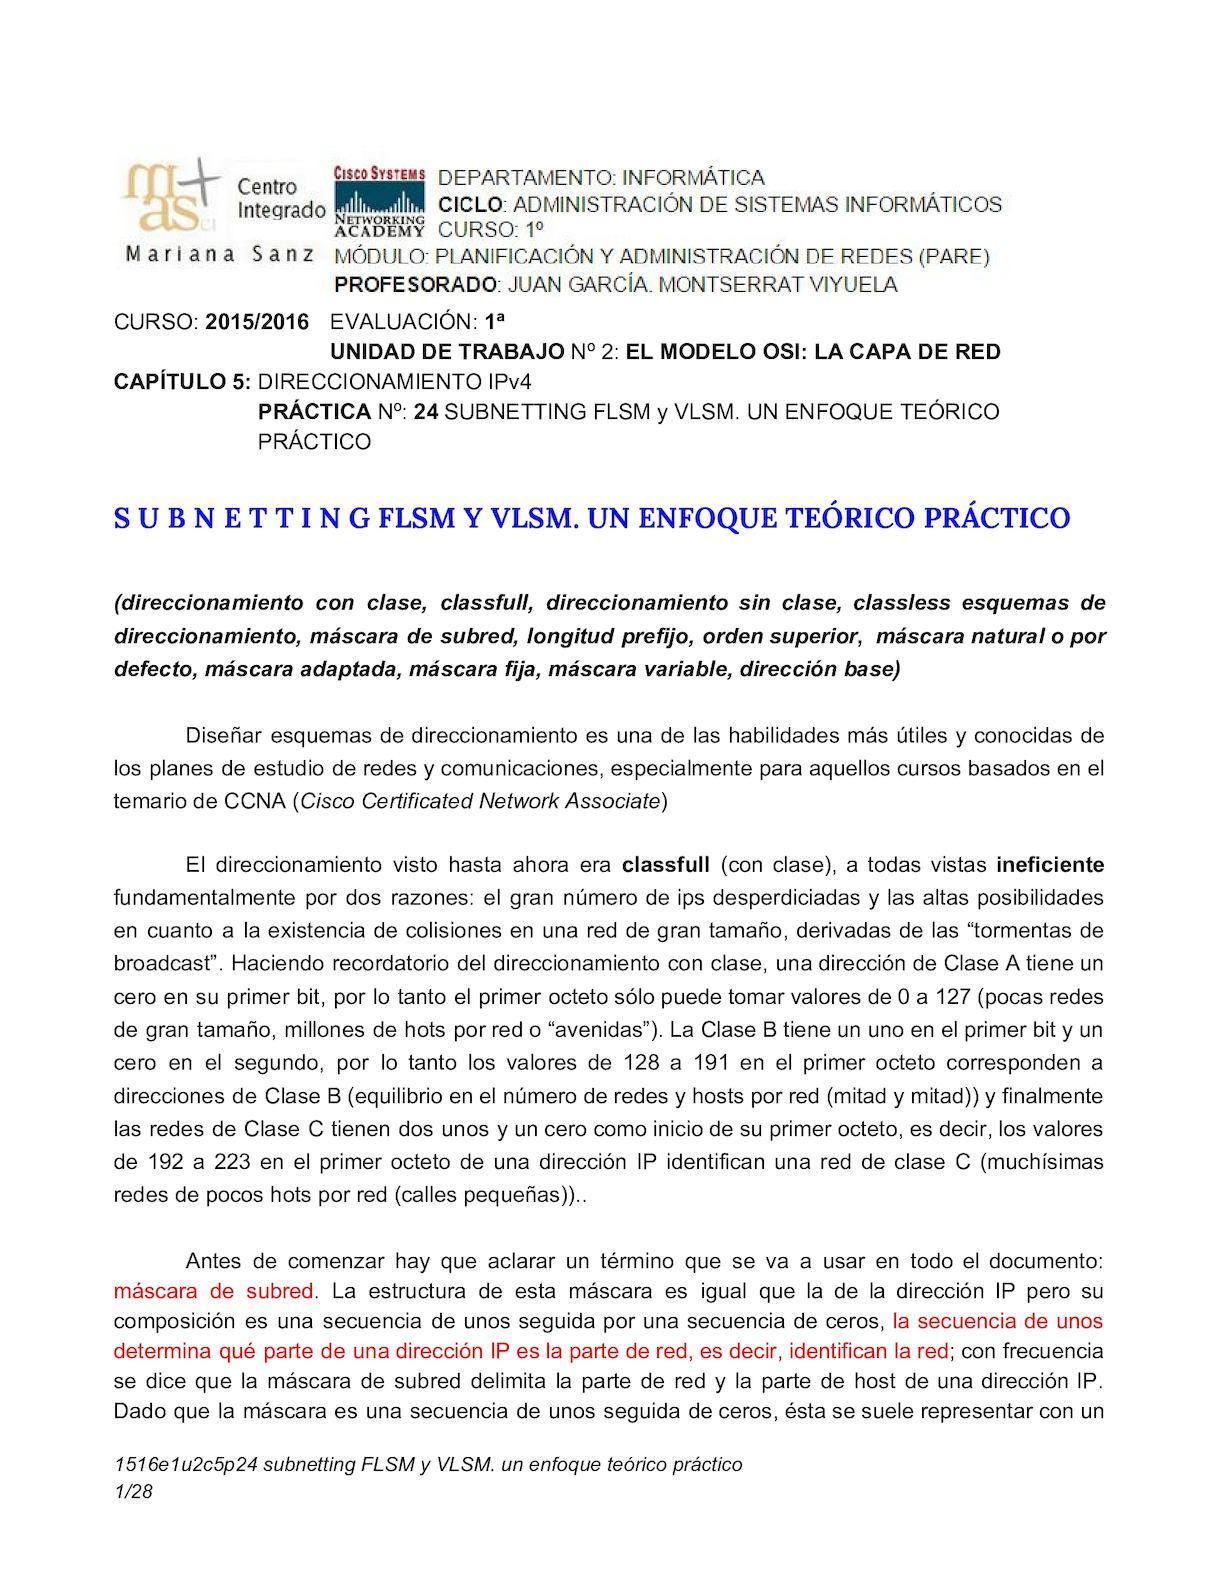 Subnetting Flsm Y Vlsm Un Enfoque Teórico Práctico